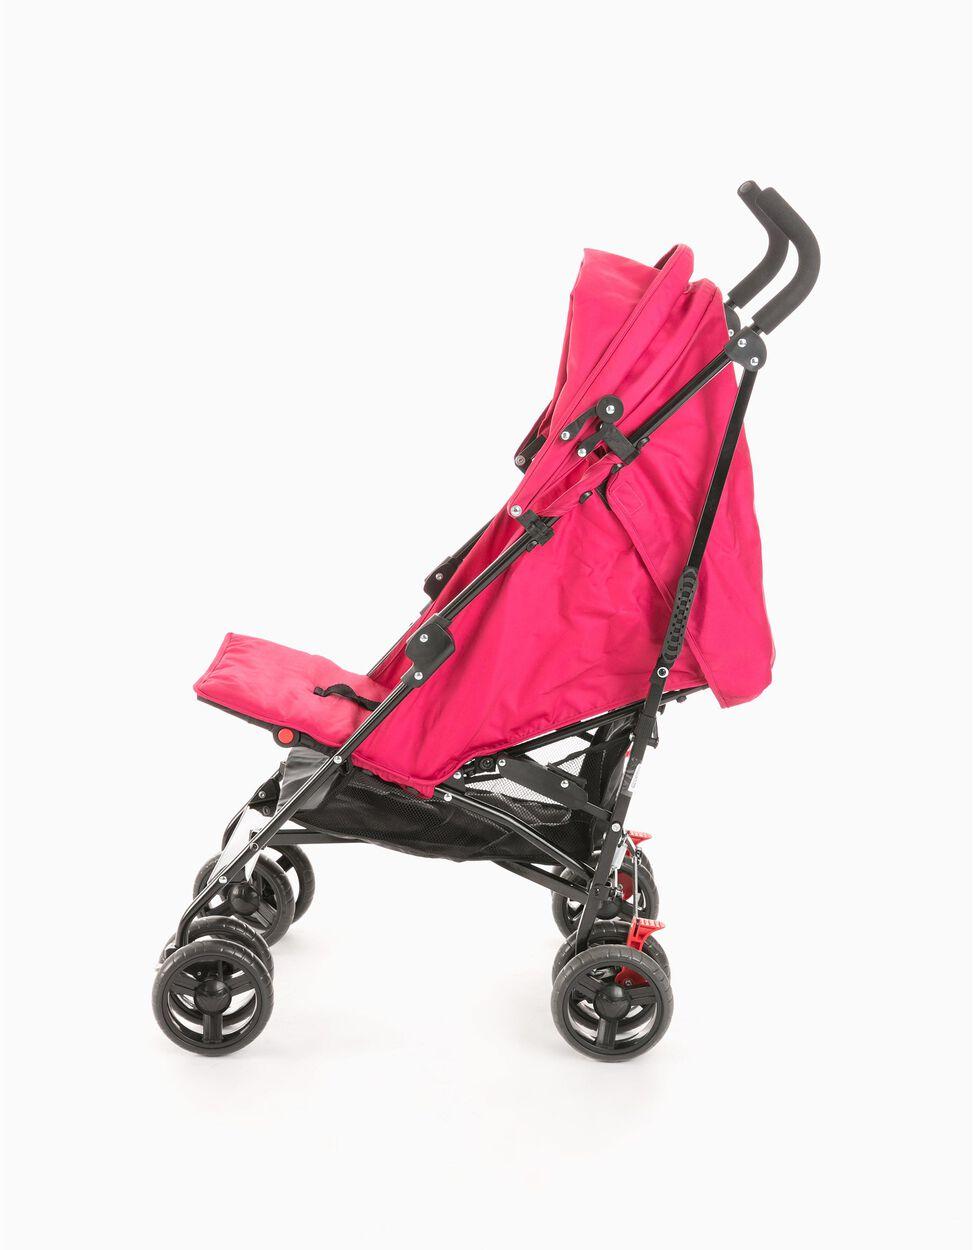 Carrinho Bengala Avenue Zy Safe Pink